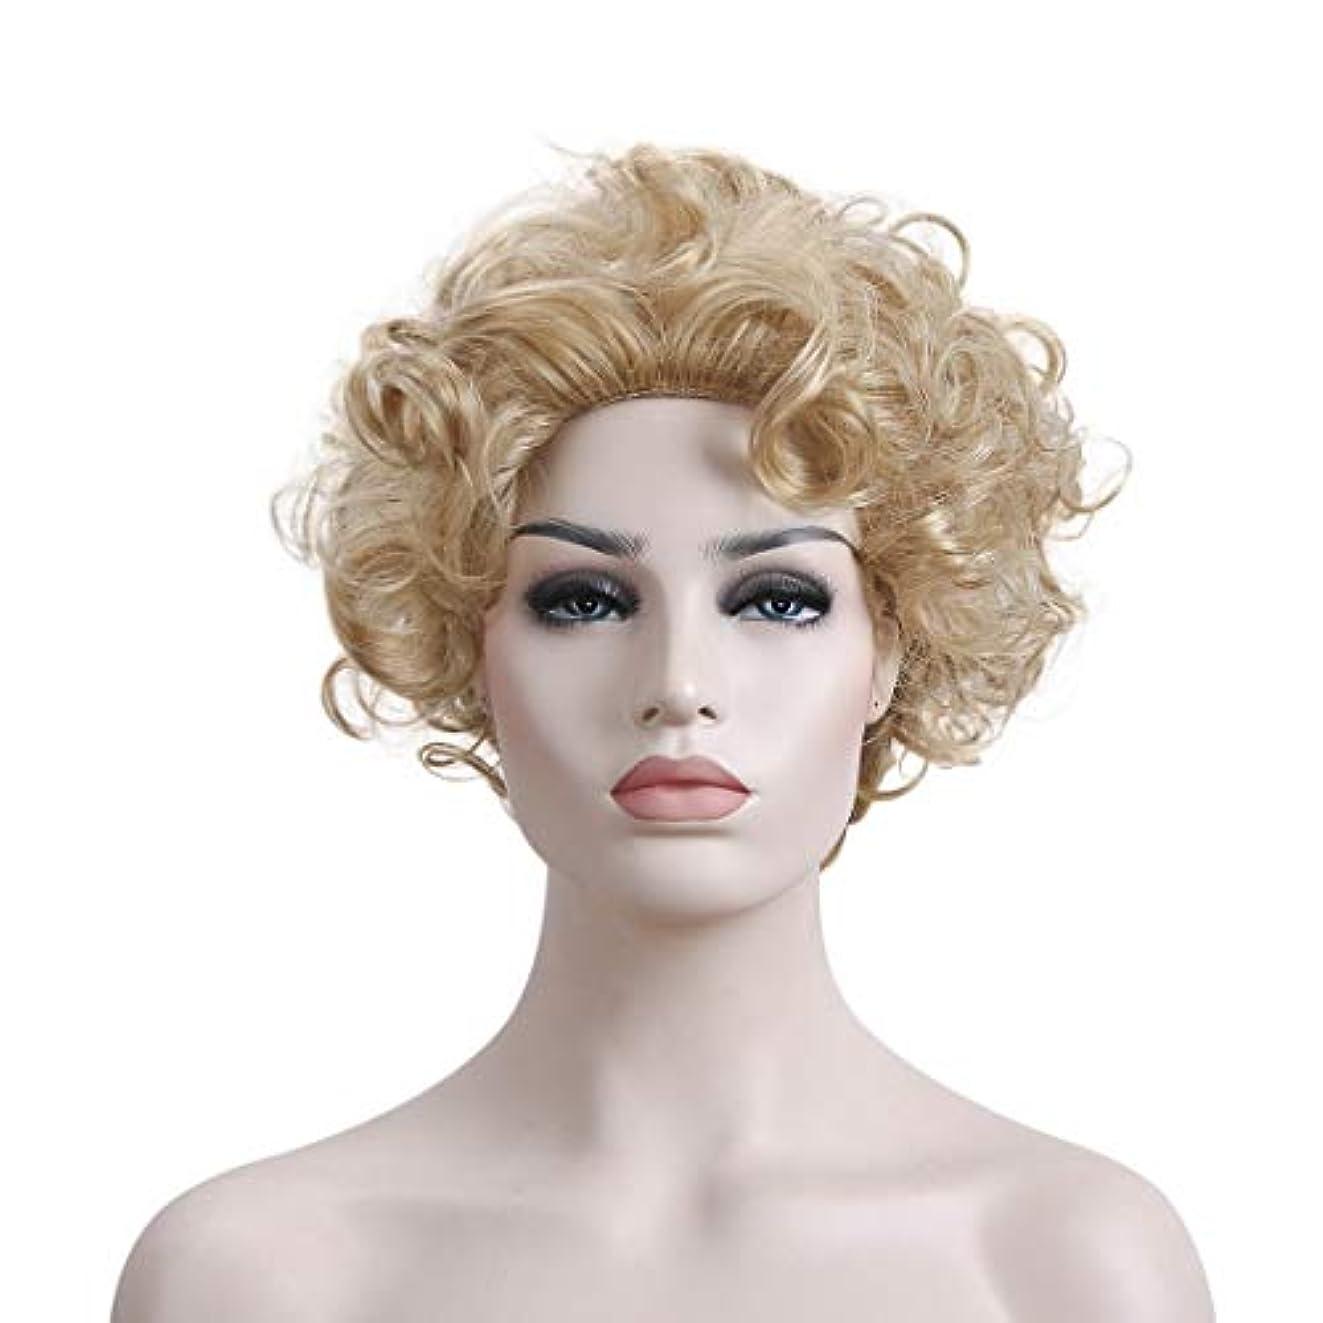 アンティークメッシュとらえどころのないYOUQIU 10インチホワイト女性金髪ボブウィッグ自然な熱のためのショートカーリーウィッグ性合成ファッションかつらウィッグ (色 : ゴールド, サイズ : 10